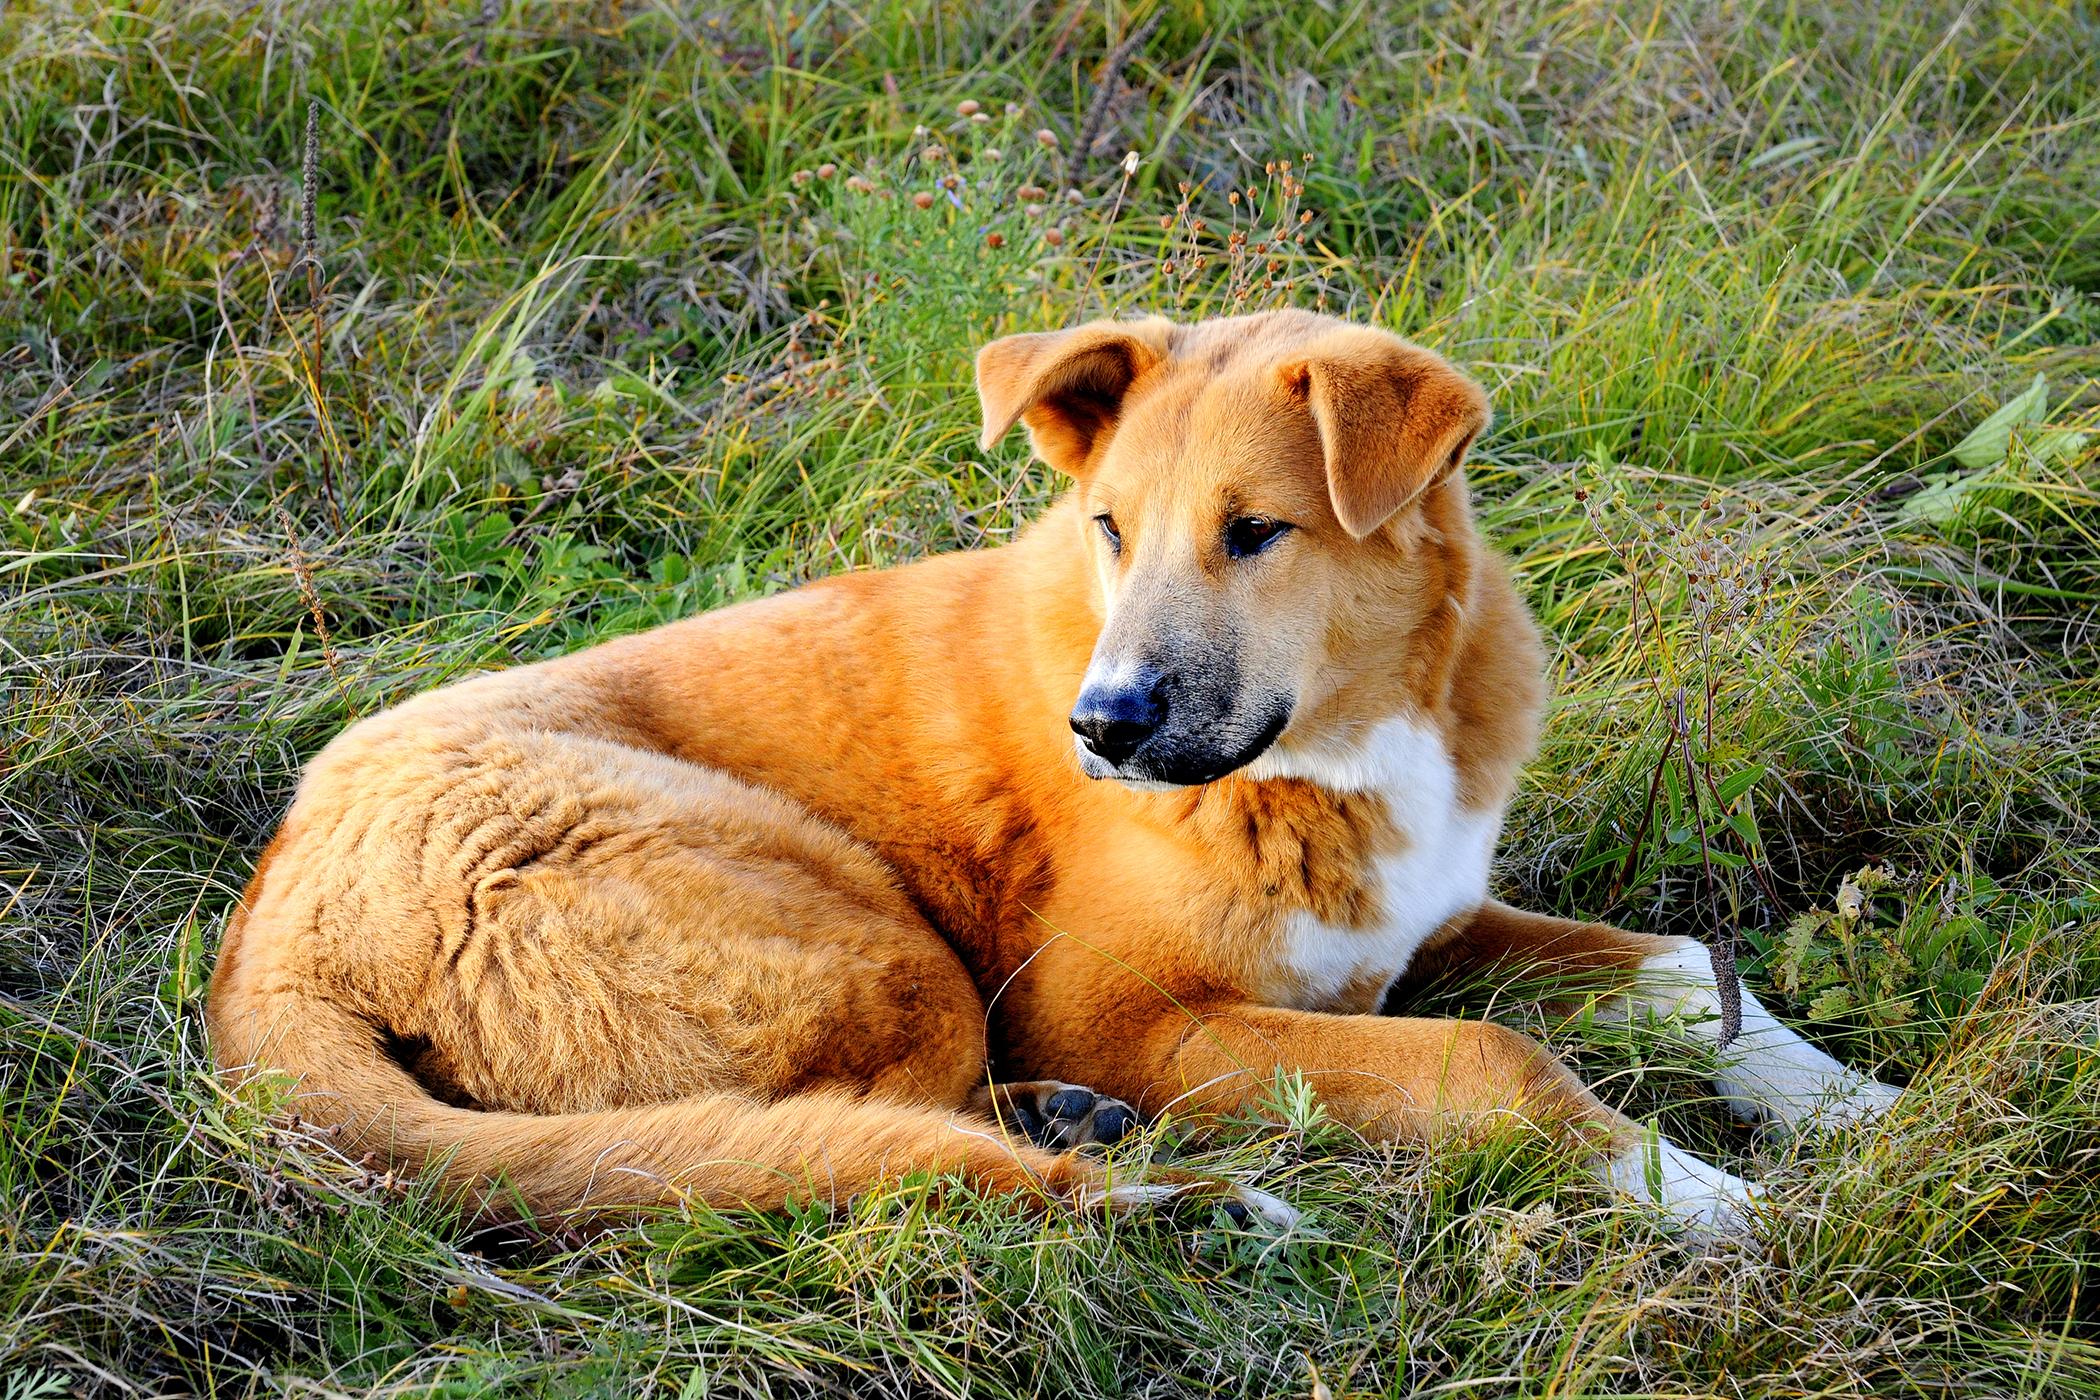 Pulmonary Artery Banding in Dogs